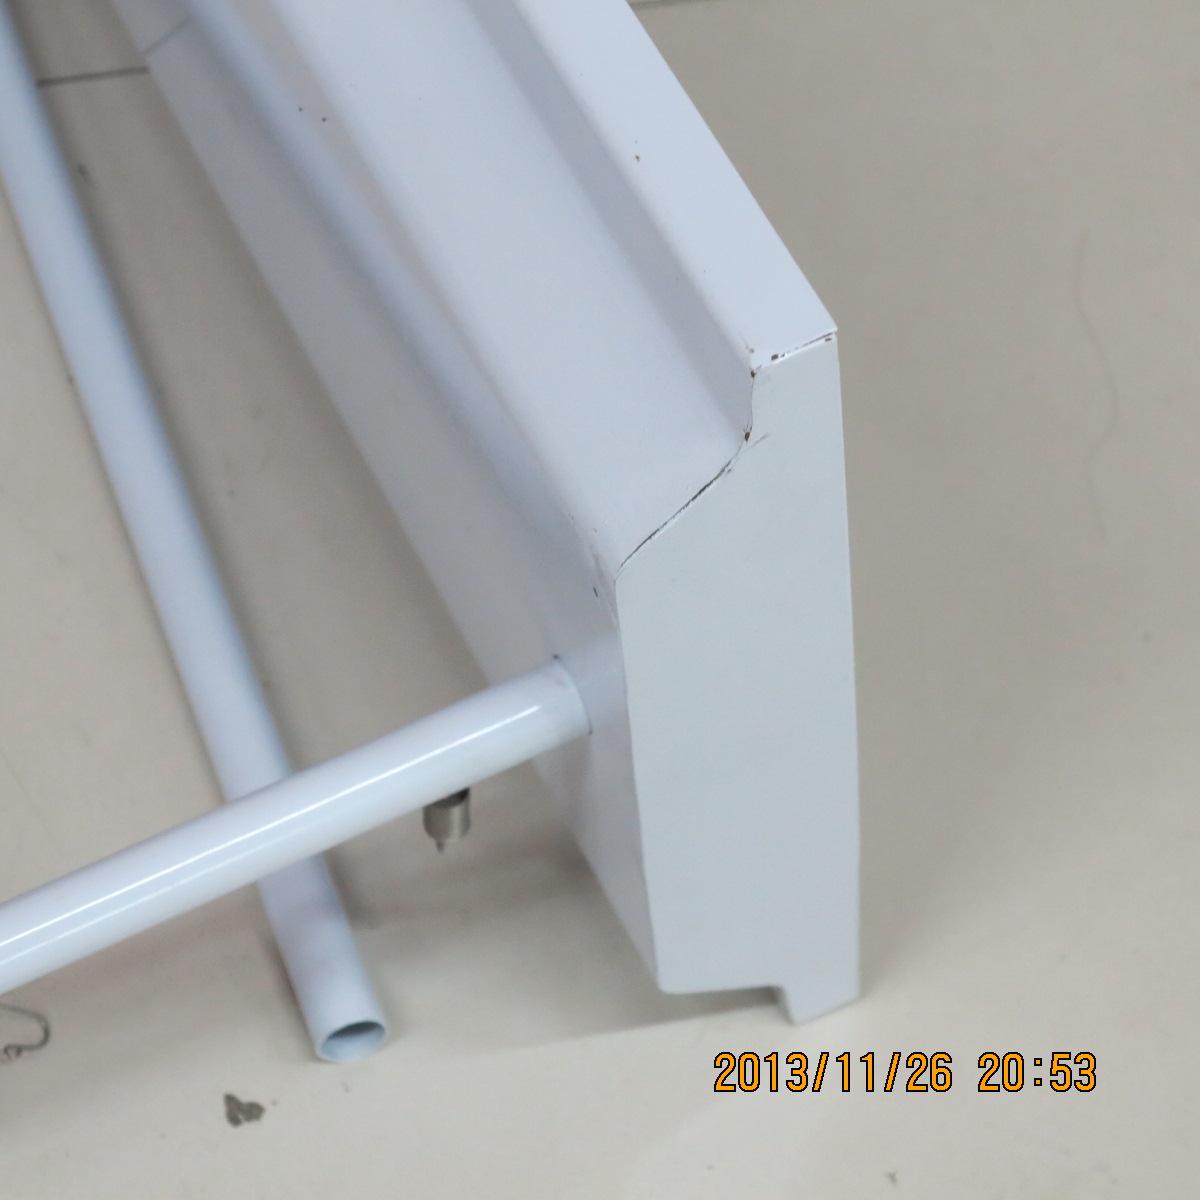 注水 门型展架 80x180 铁质 弹簧挂画架架防风门形